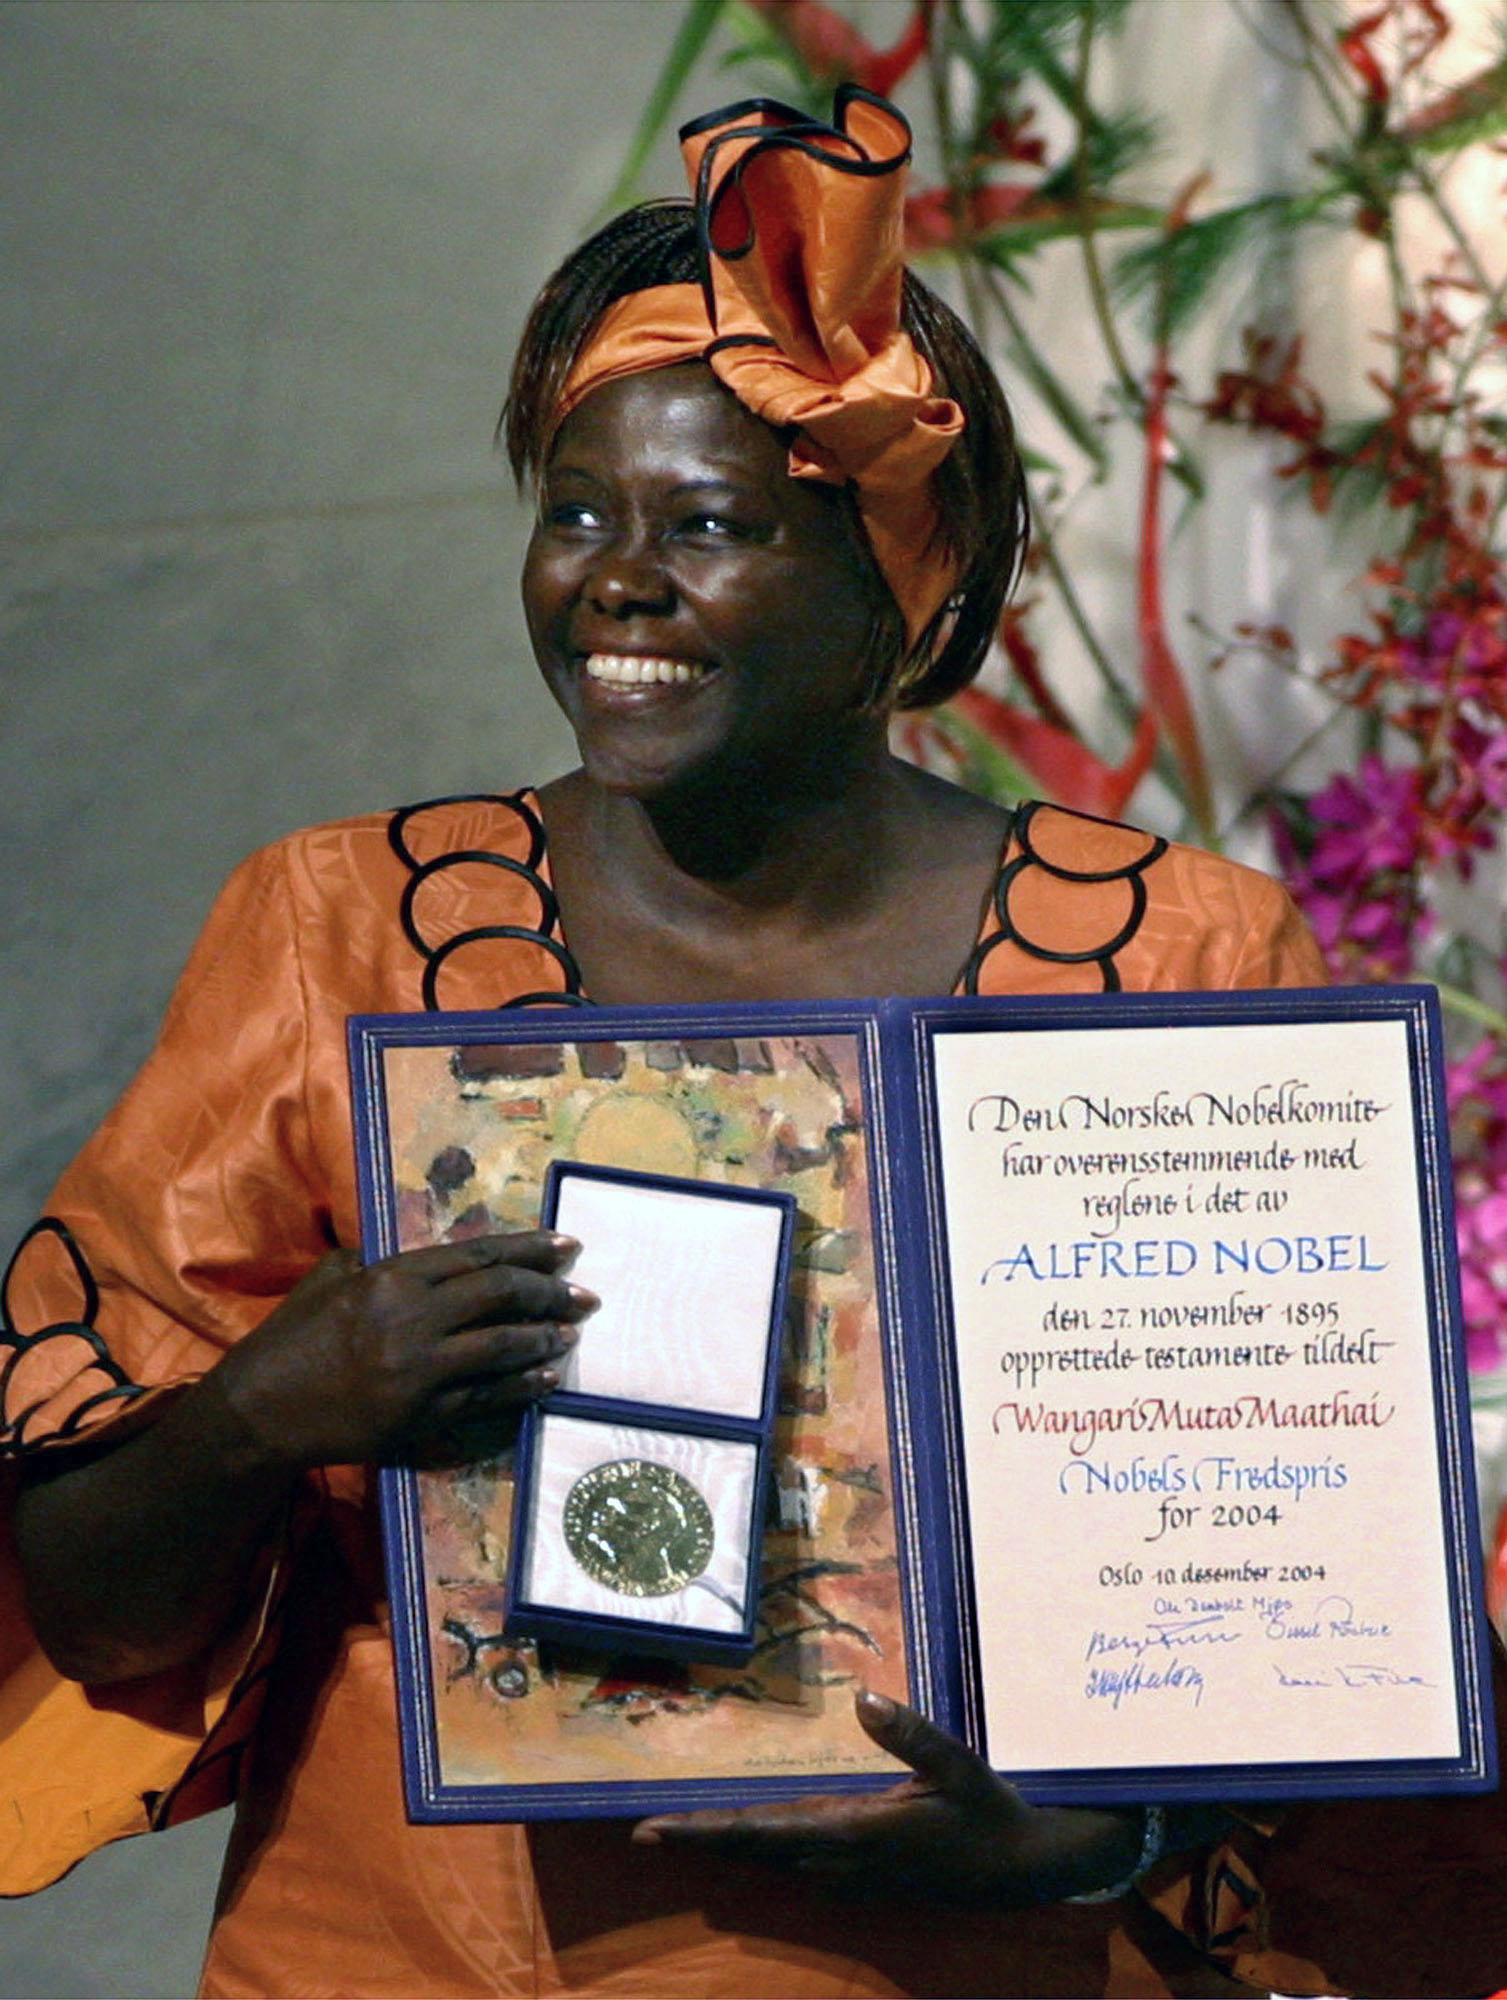 瑪泰於 2004年12月10日在瑞典奧斯陸接受諾貝爾和平獎。(美聯社)